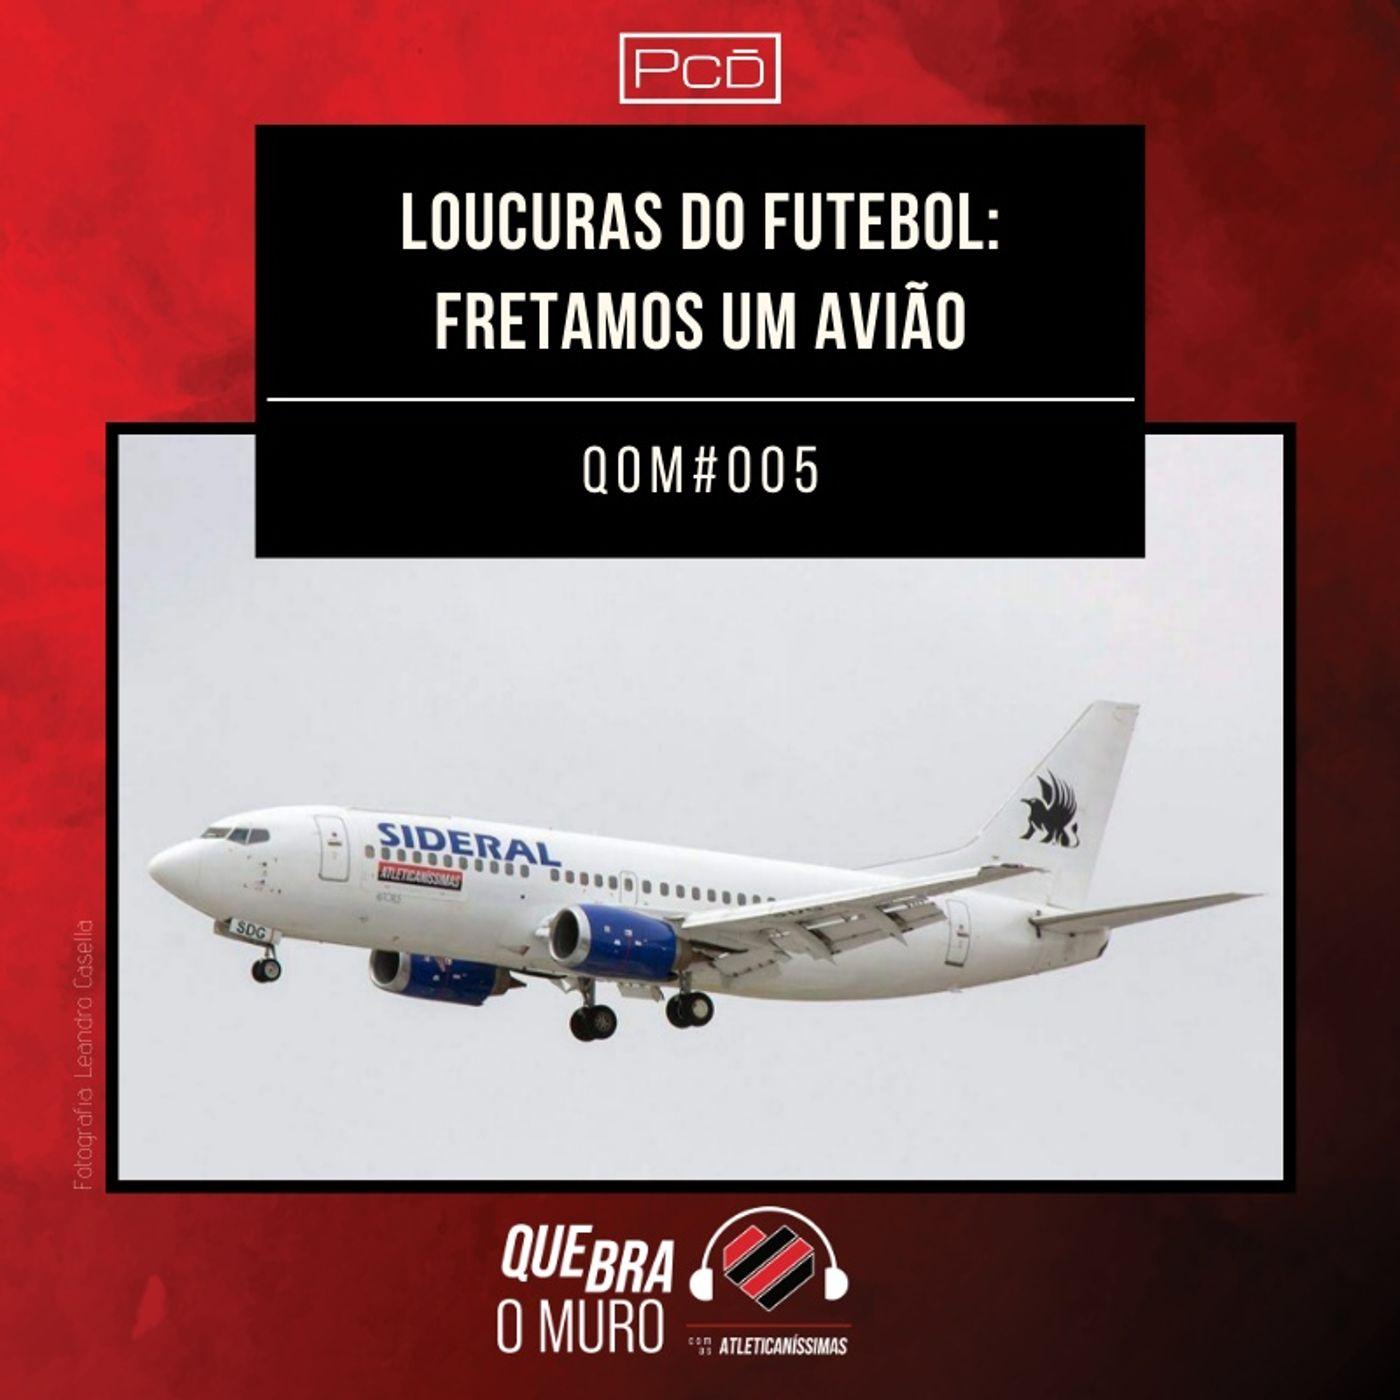 #005 - LOUCURAS DO FUTEBOL: FRETAMOS UM AVIÃO